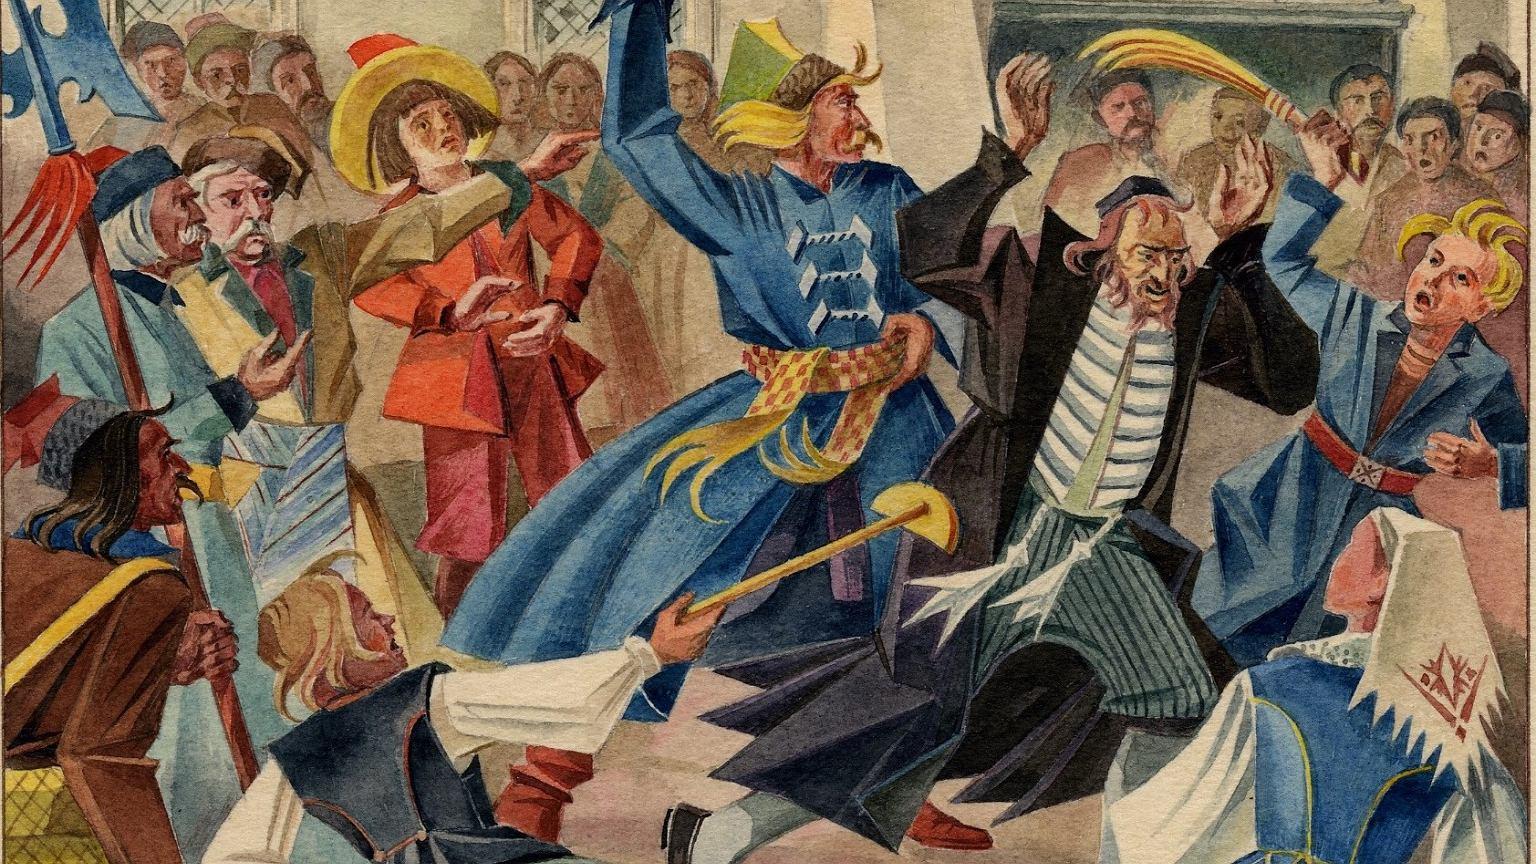 Dla polskiej historiografii Zelman to przykład Żyda, który dzięki przychylności polskiej arystokracji terroryzował biednych ludzi